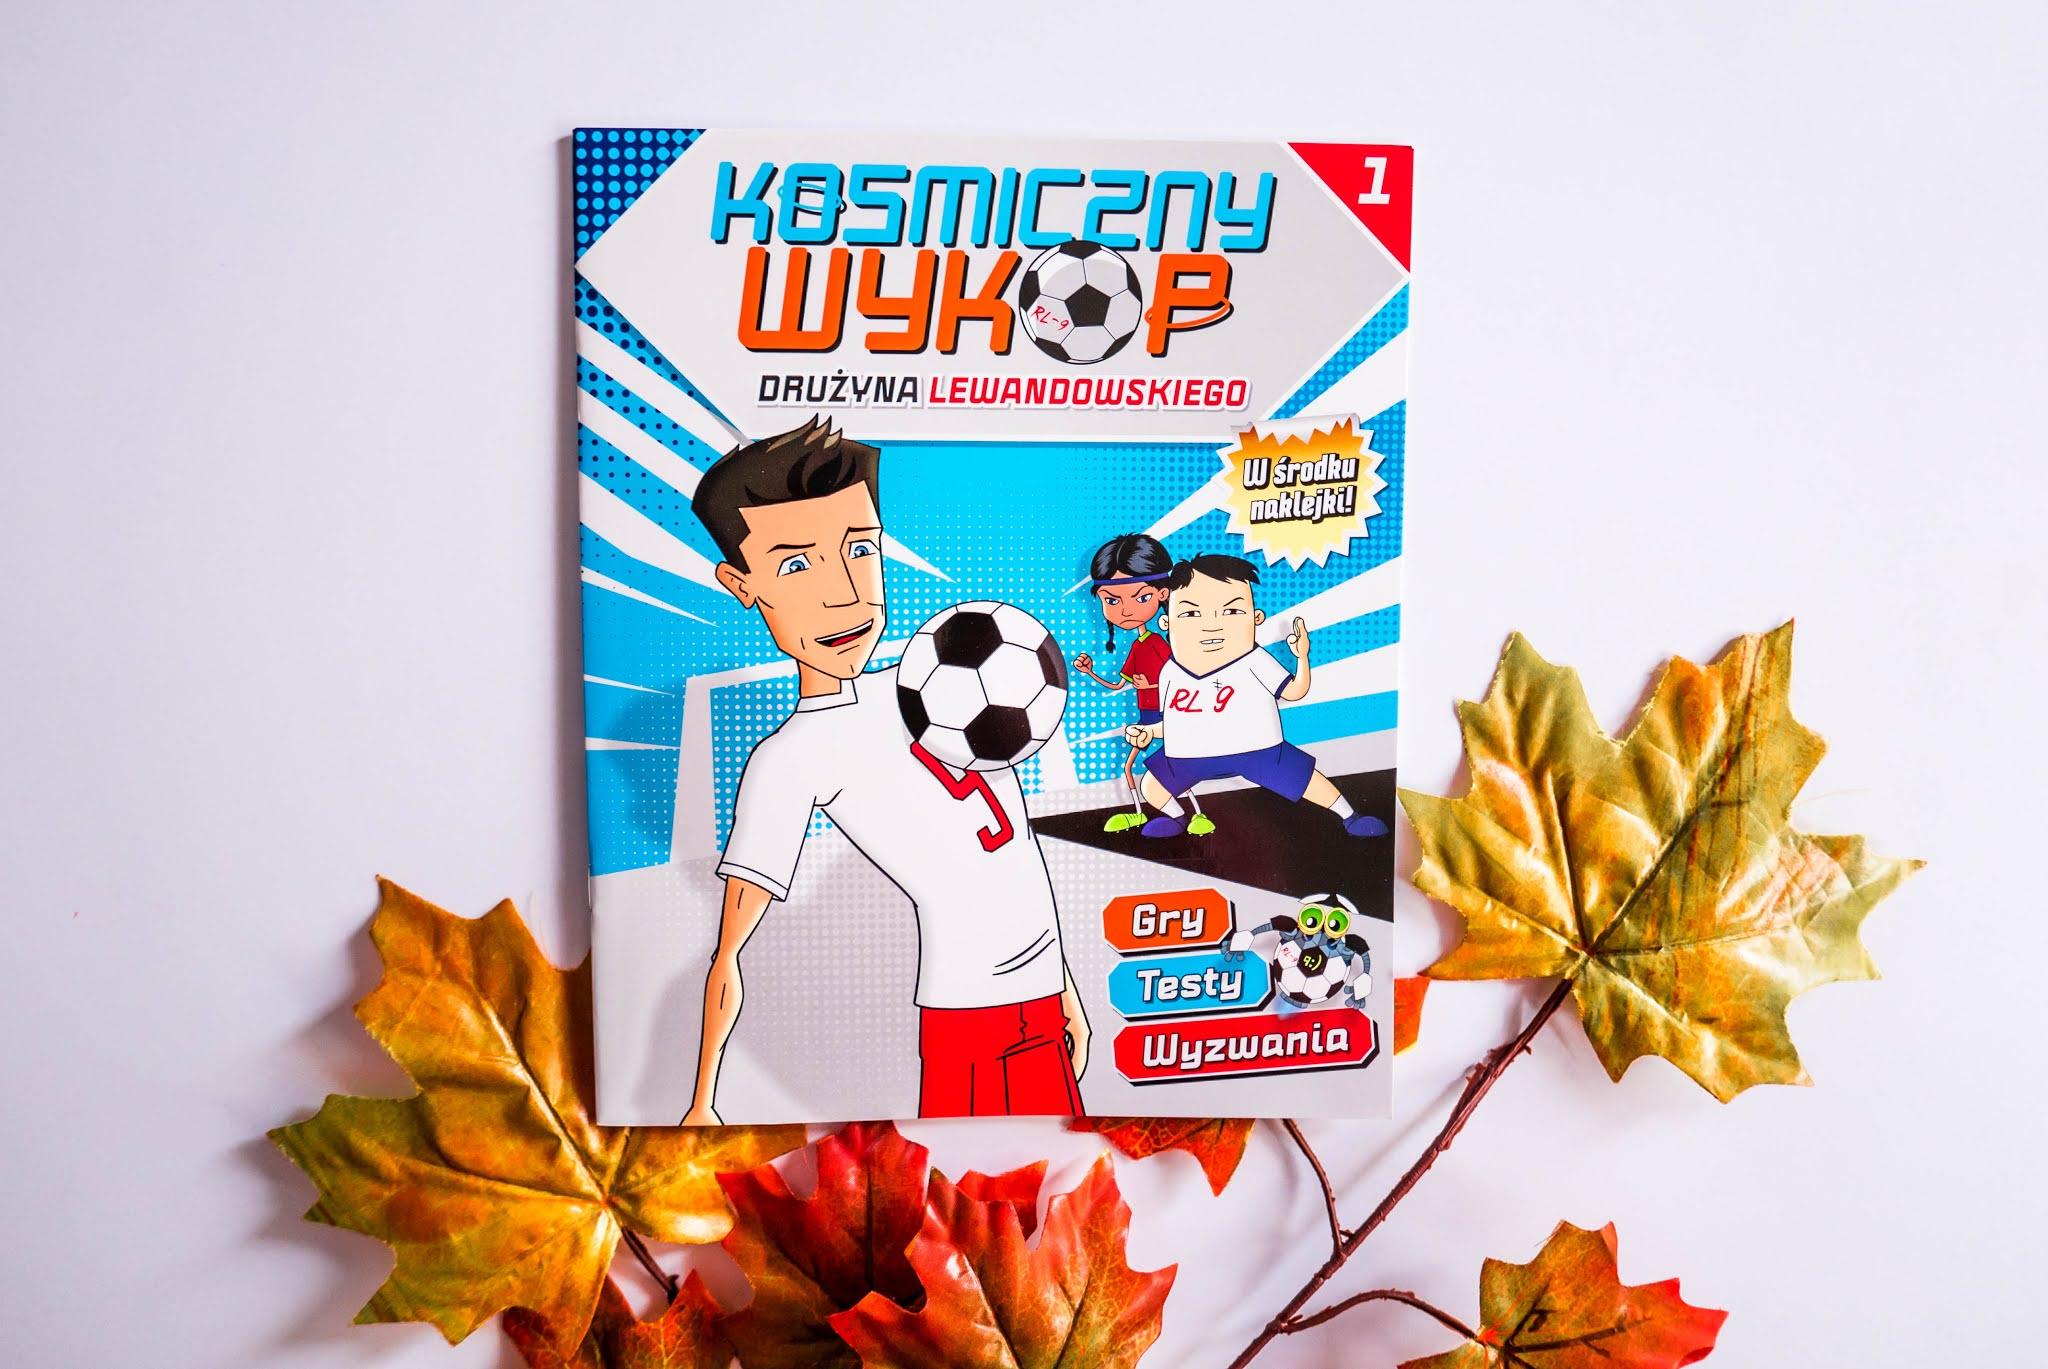 Książka dla fana Lewandowskiego